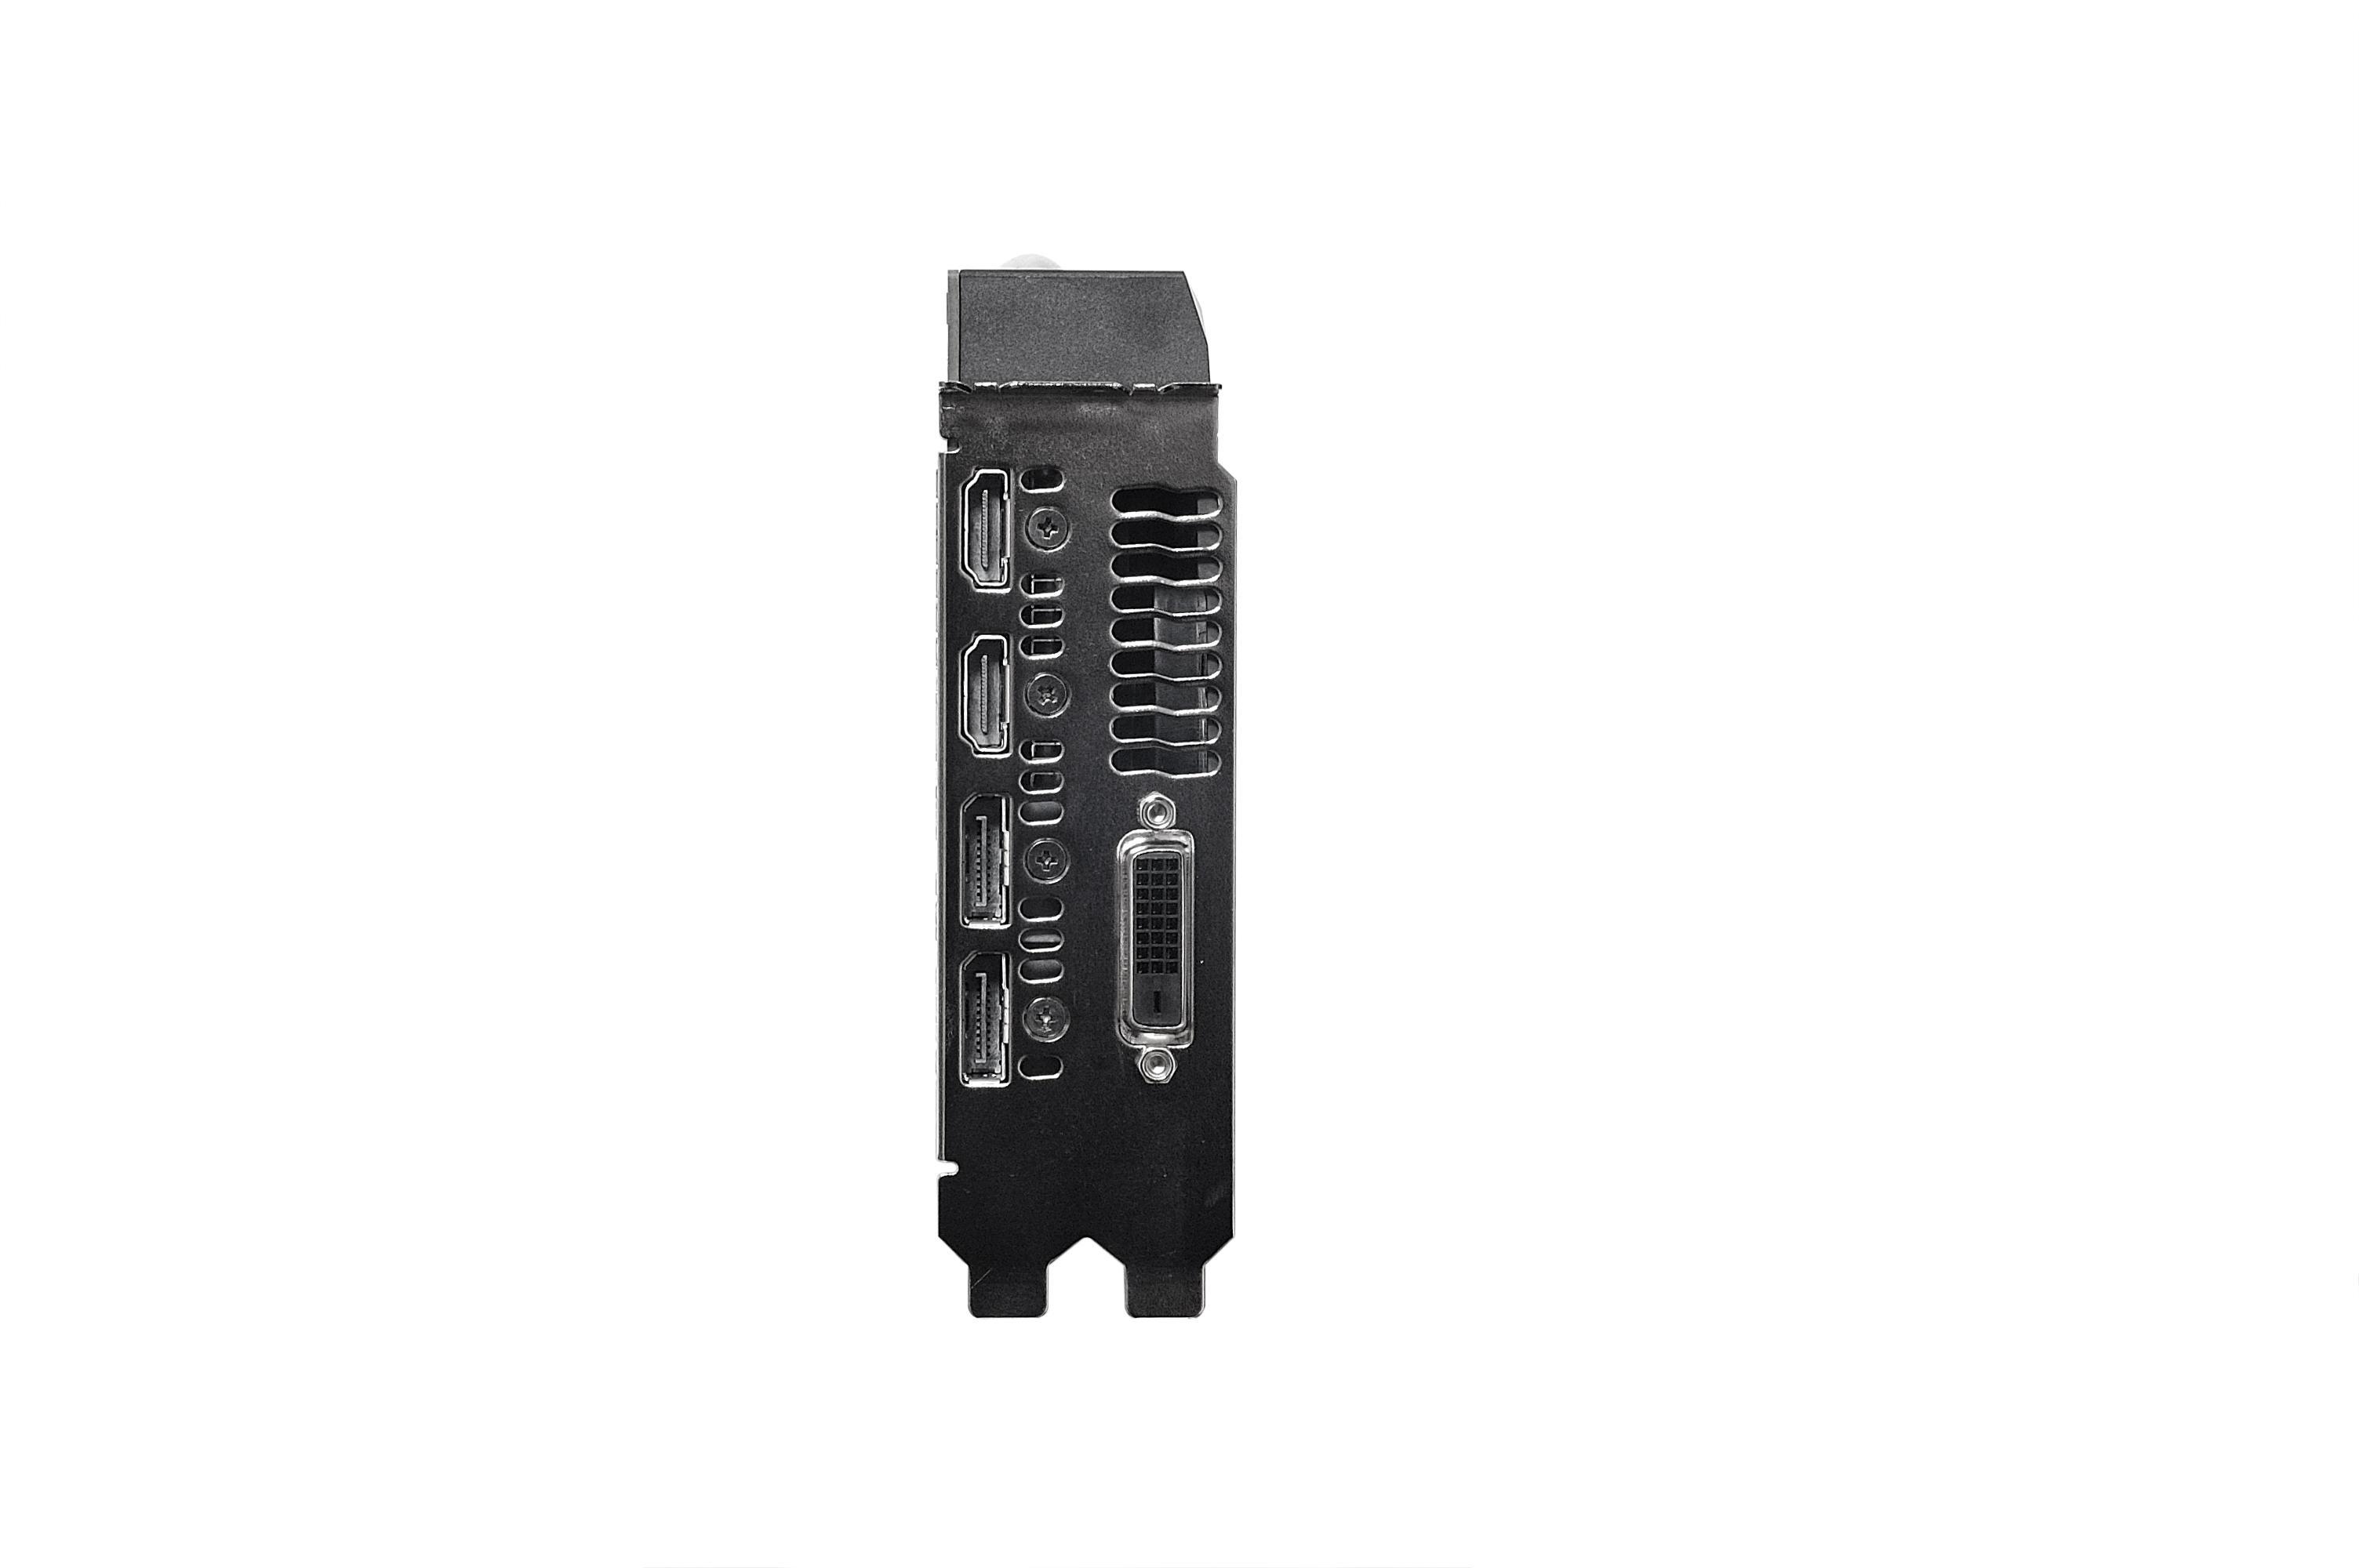 ASUS-90YV0A28-M0NA00-EX-GTX1060-O6G-GeForce-GTX-1060-6GB-GDDR5-NVIDIA-GeForce